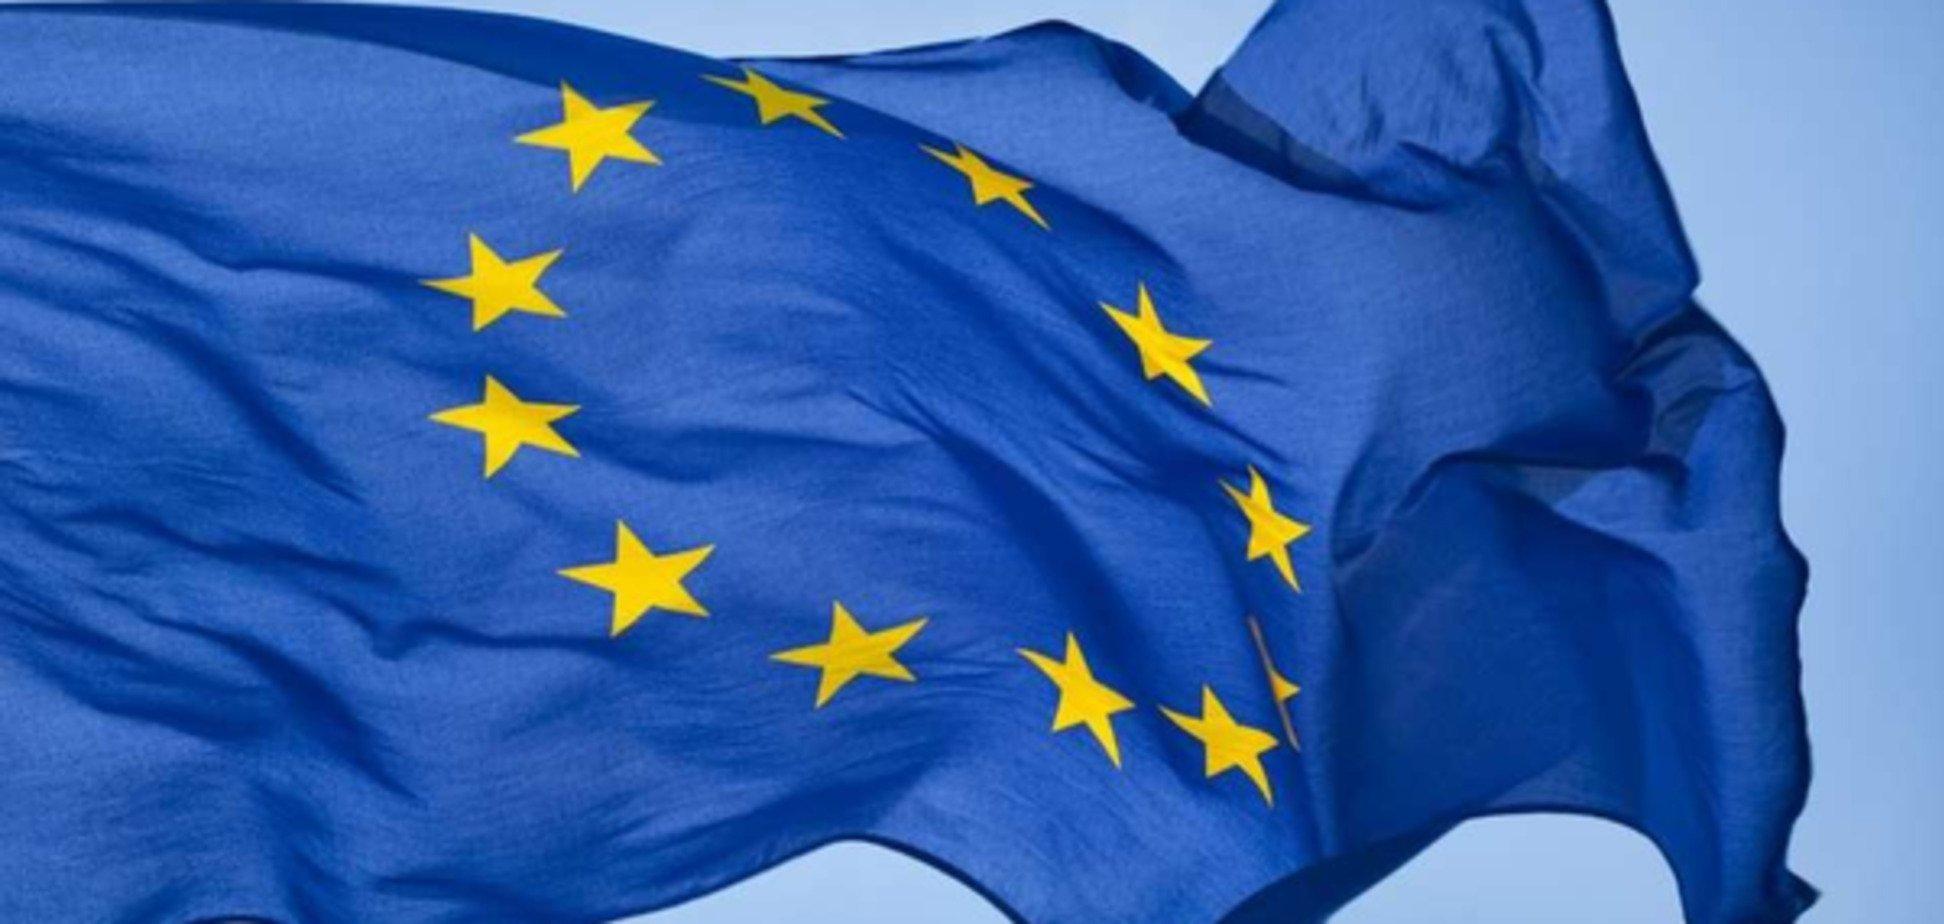 Евросоюз готов начать с Сербией переговоры о вступлении